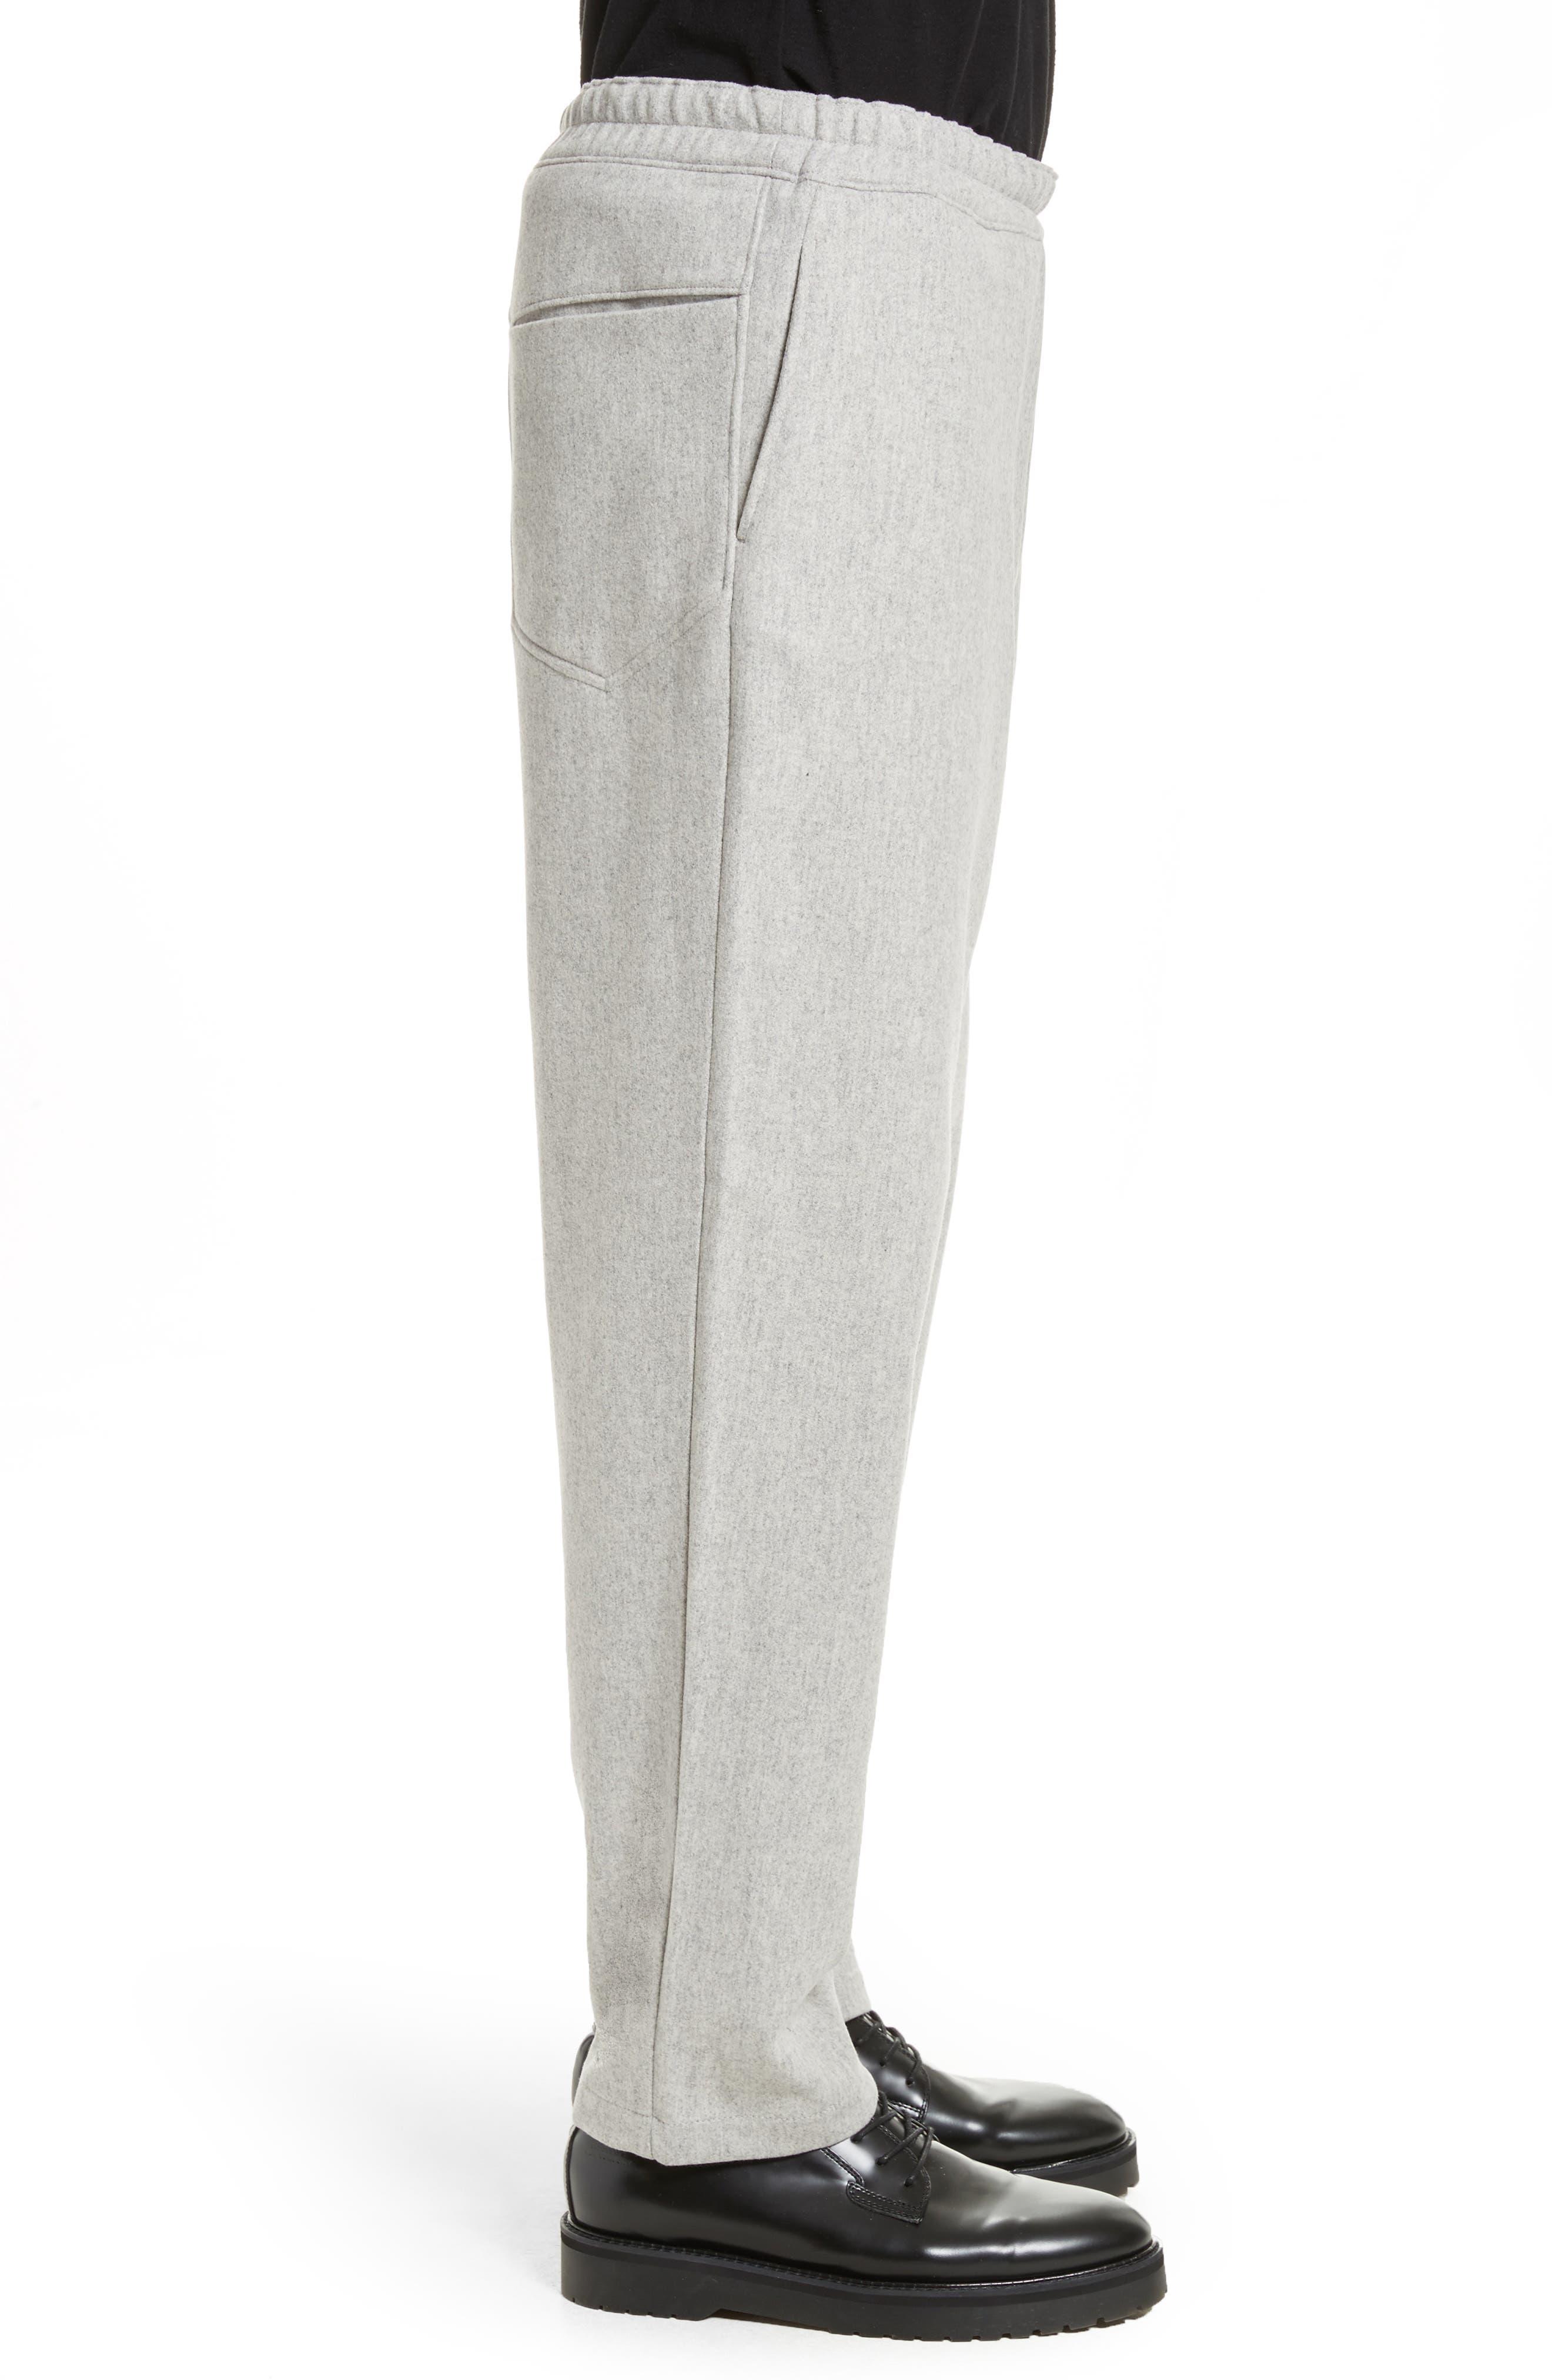 Mélange Wool Blend Trousers,                             Alternate thumbnail 4, color,                             020